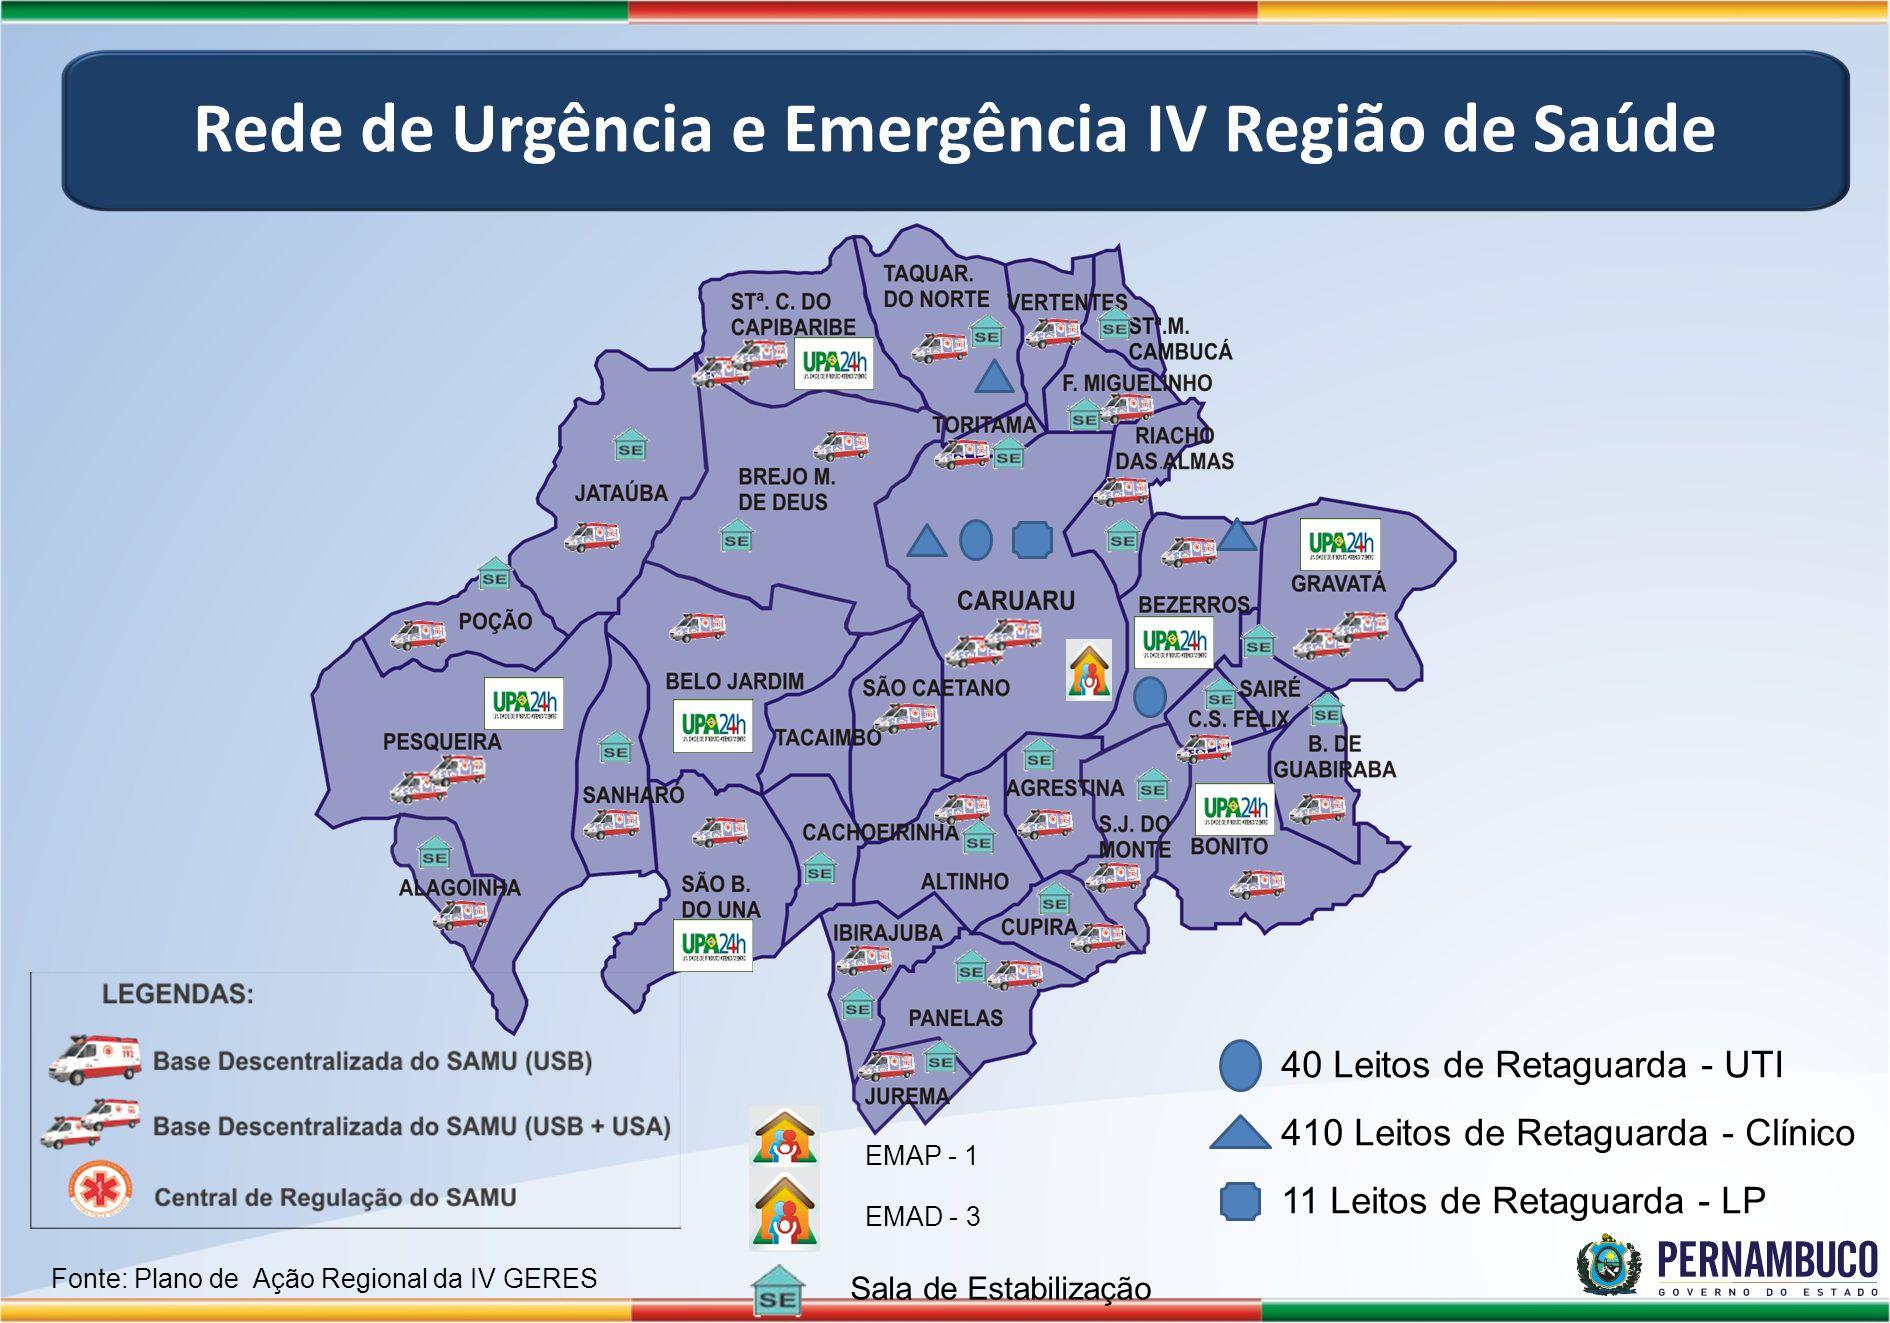 EMAD - 3 EMAP - 1 40 Leitos de Retaguarda - UTI 410 Leitos de Retaguarda - Clínico 11 Leitos de Retaguarda - LP Rede de Urgência e Emergência IV Regiã